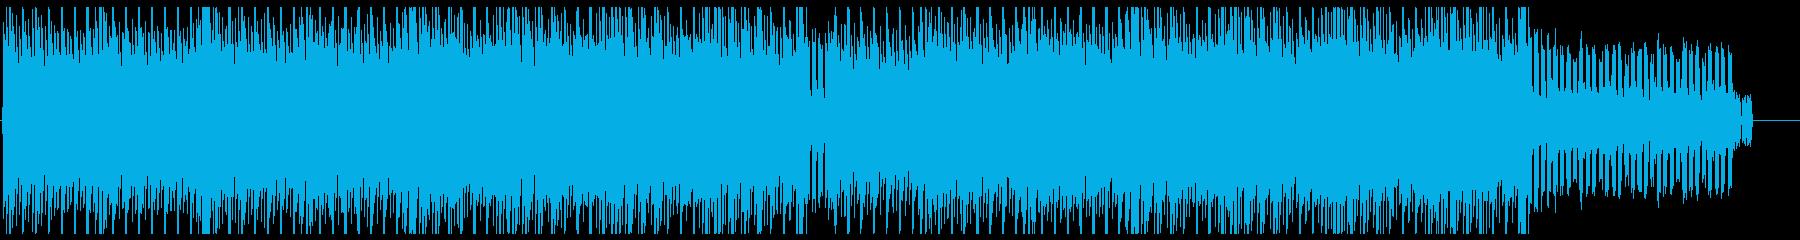 疾走感とクールで弾けるテクノポップの再生済みの波形